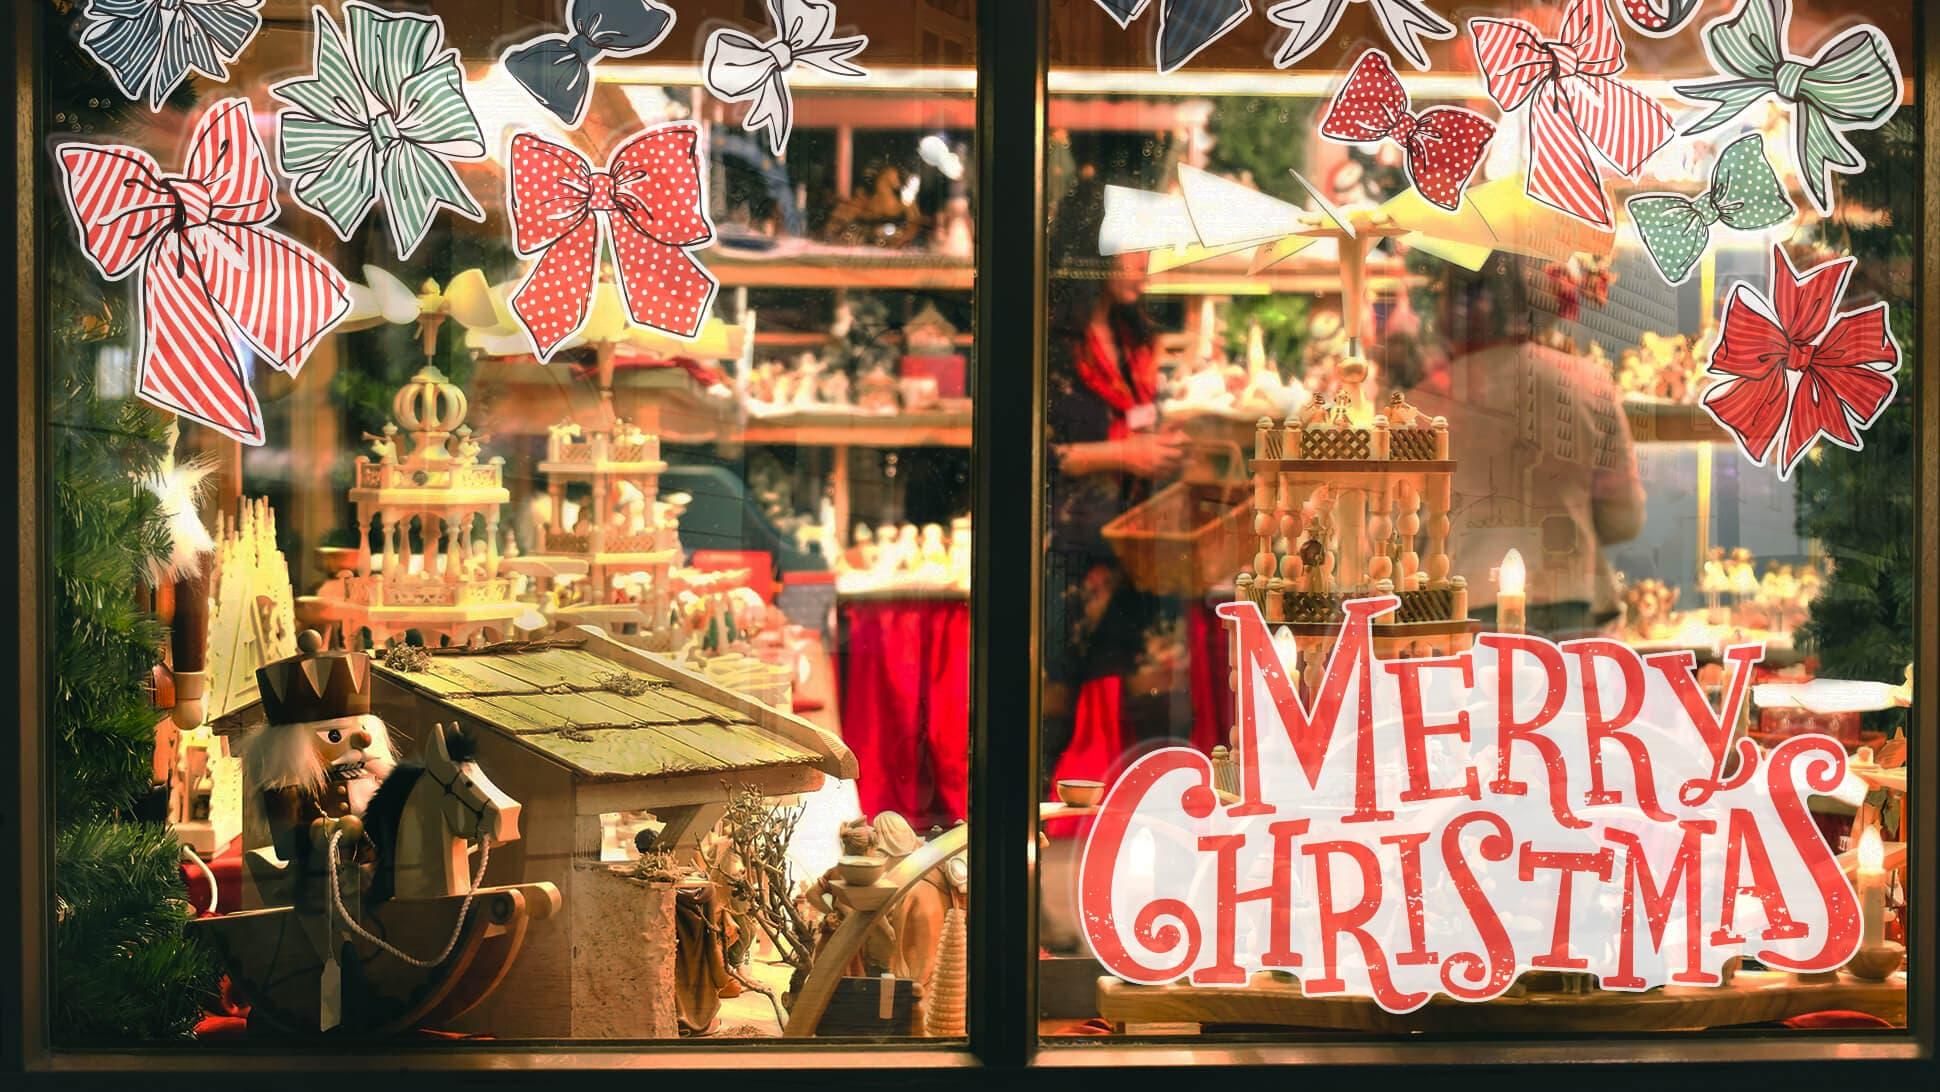 adesivi natalizi per vetrine Merry Christmas con fiocchi | tictac.it